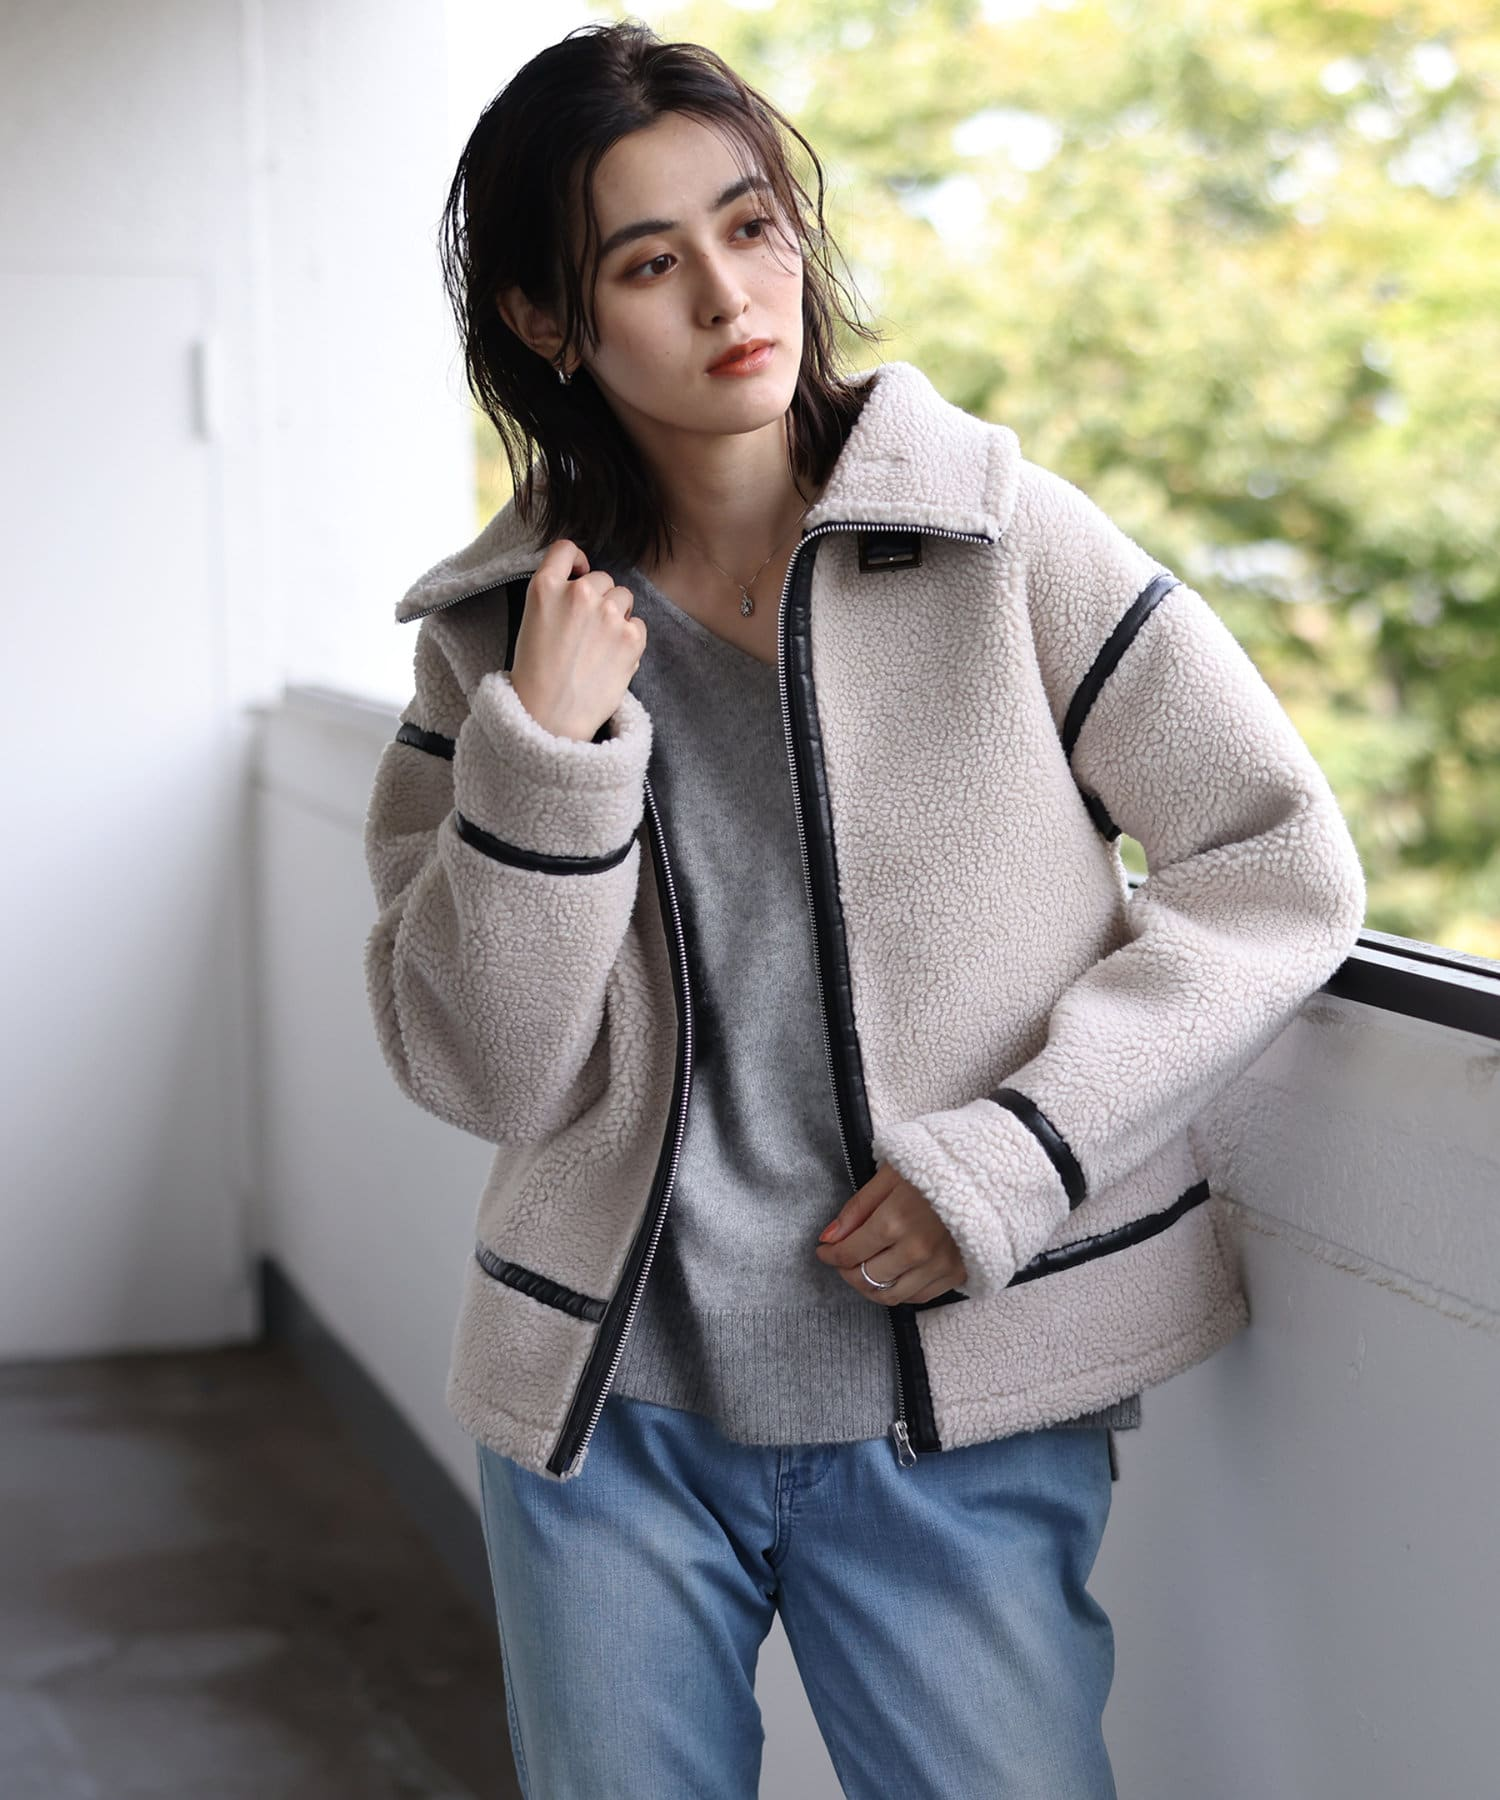 un dix cors(アンディコール) 【暖かみのある風合いが魅力】エコレザーボンディングジャケット